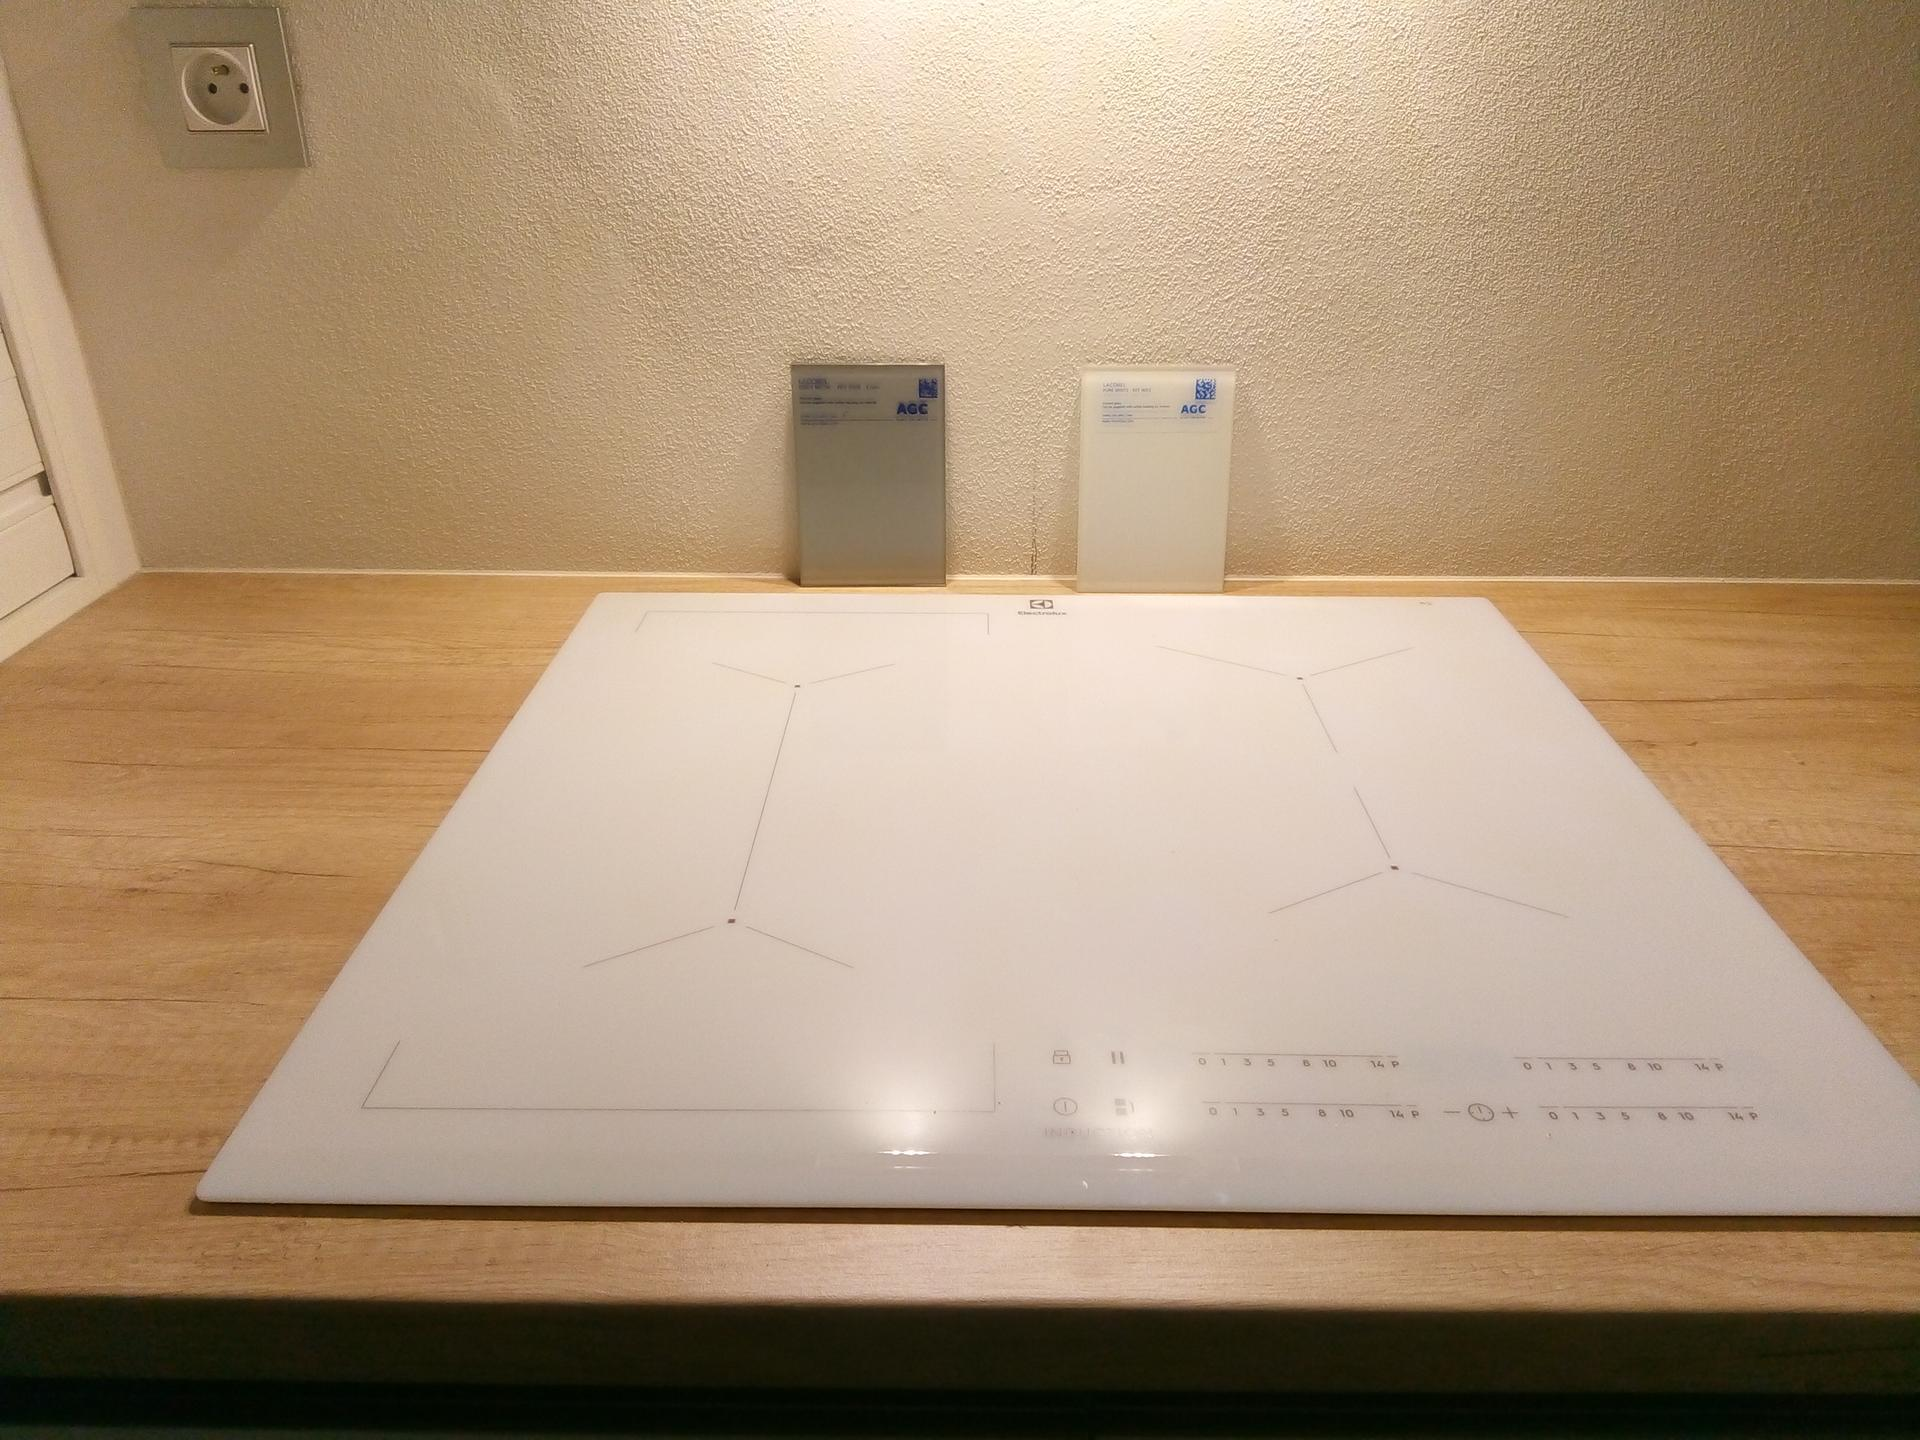 Ahoj holky, a je tu zase to rozhodování, které tak nesnáším. Vybíráme sklo za kuchyň. desku. První rozhodnutí padlo na světle šedou, je taková metalická, vcera večer jsem seděla v kuchyni a přemýšlela, že se mi tam líbí ta bílá, která nechá vyniknout tu pracovní desku. Co myslíte? - Obrázek č. 2